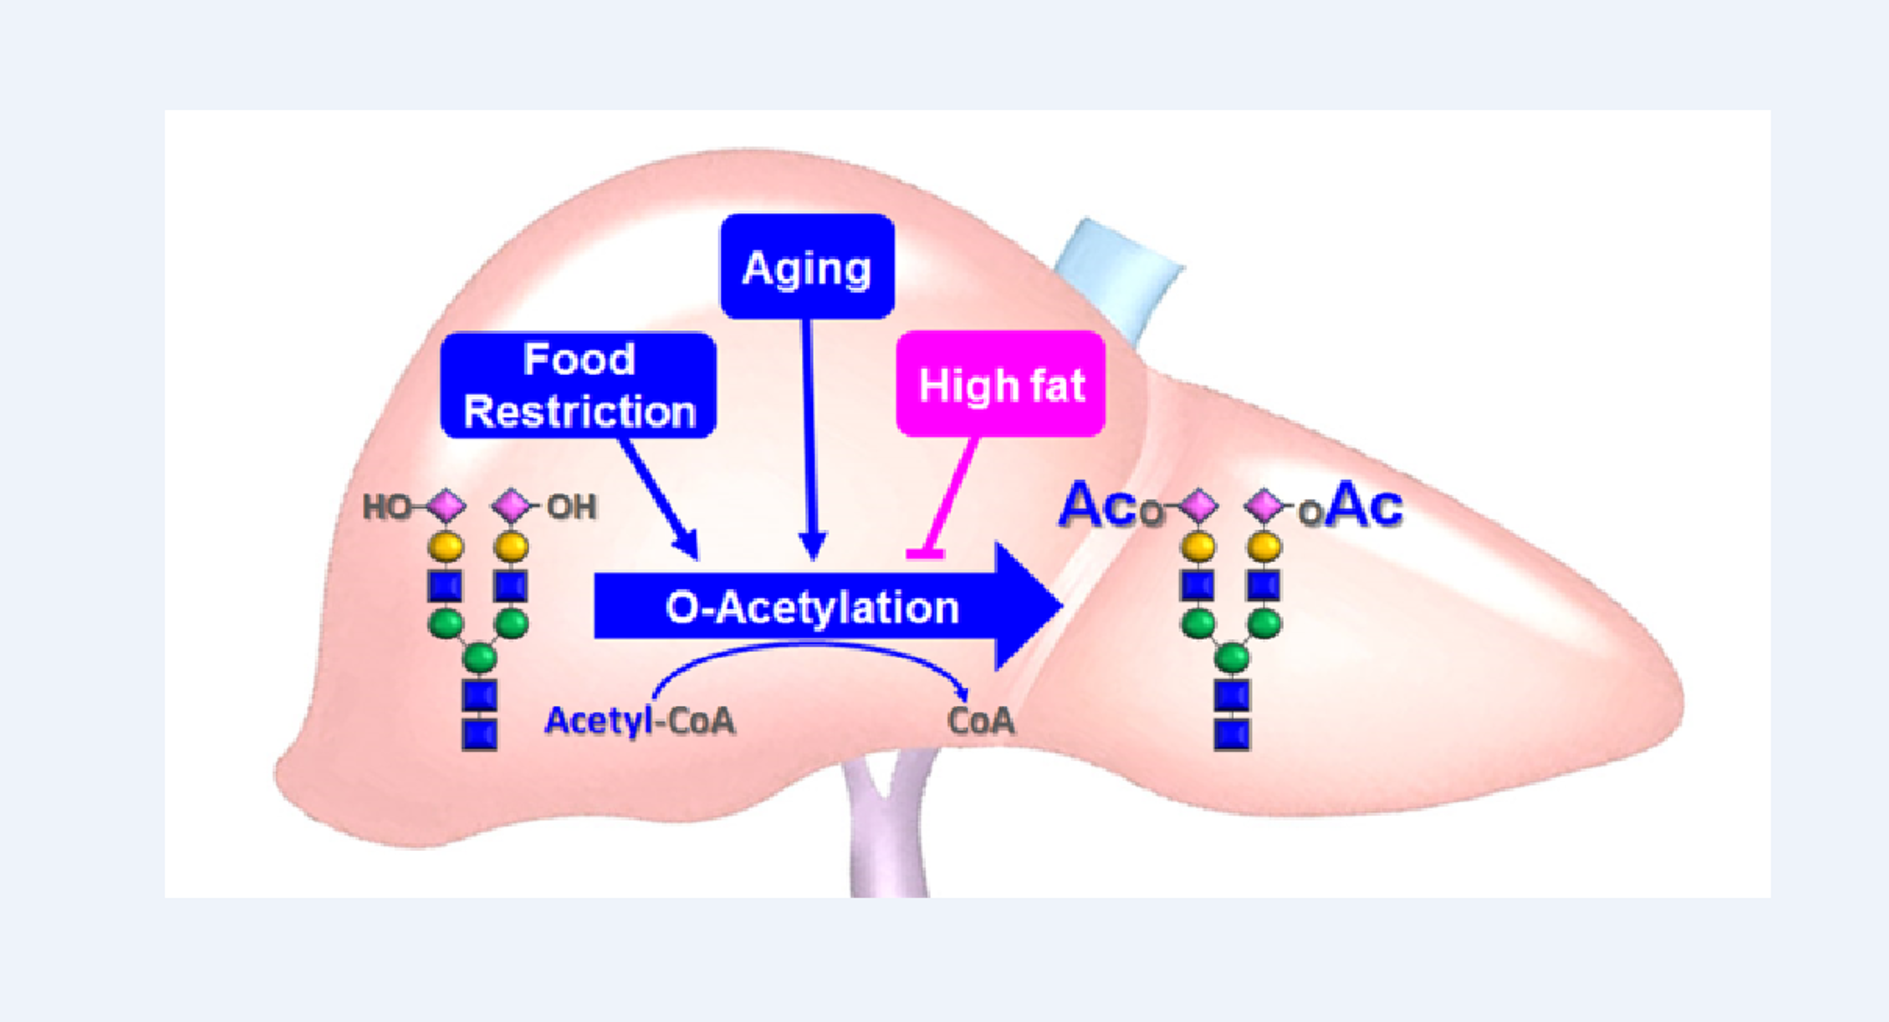 加齢と食環境によって体内の「糖鎖」が変化することを証明 糖鎖を軸とするアンチエイジング研究への展開に期待